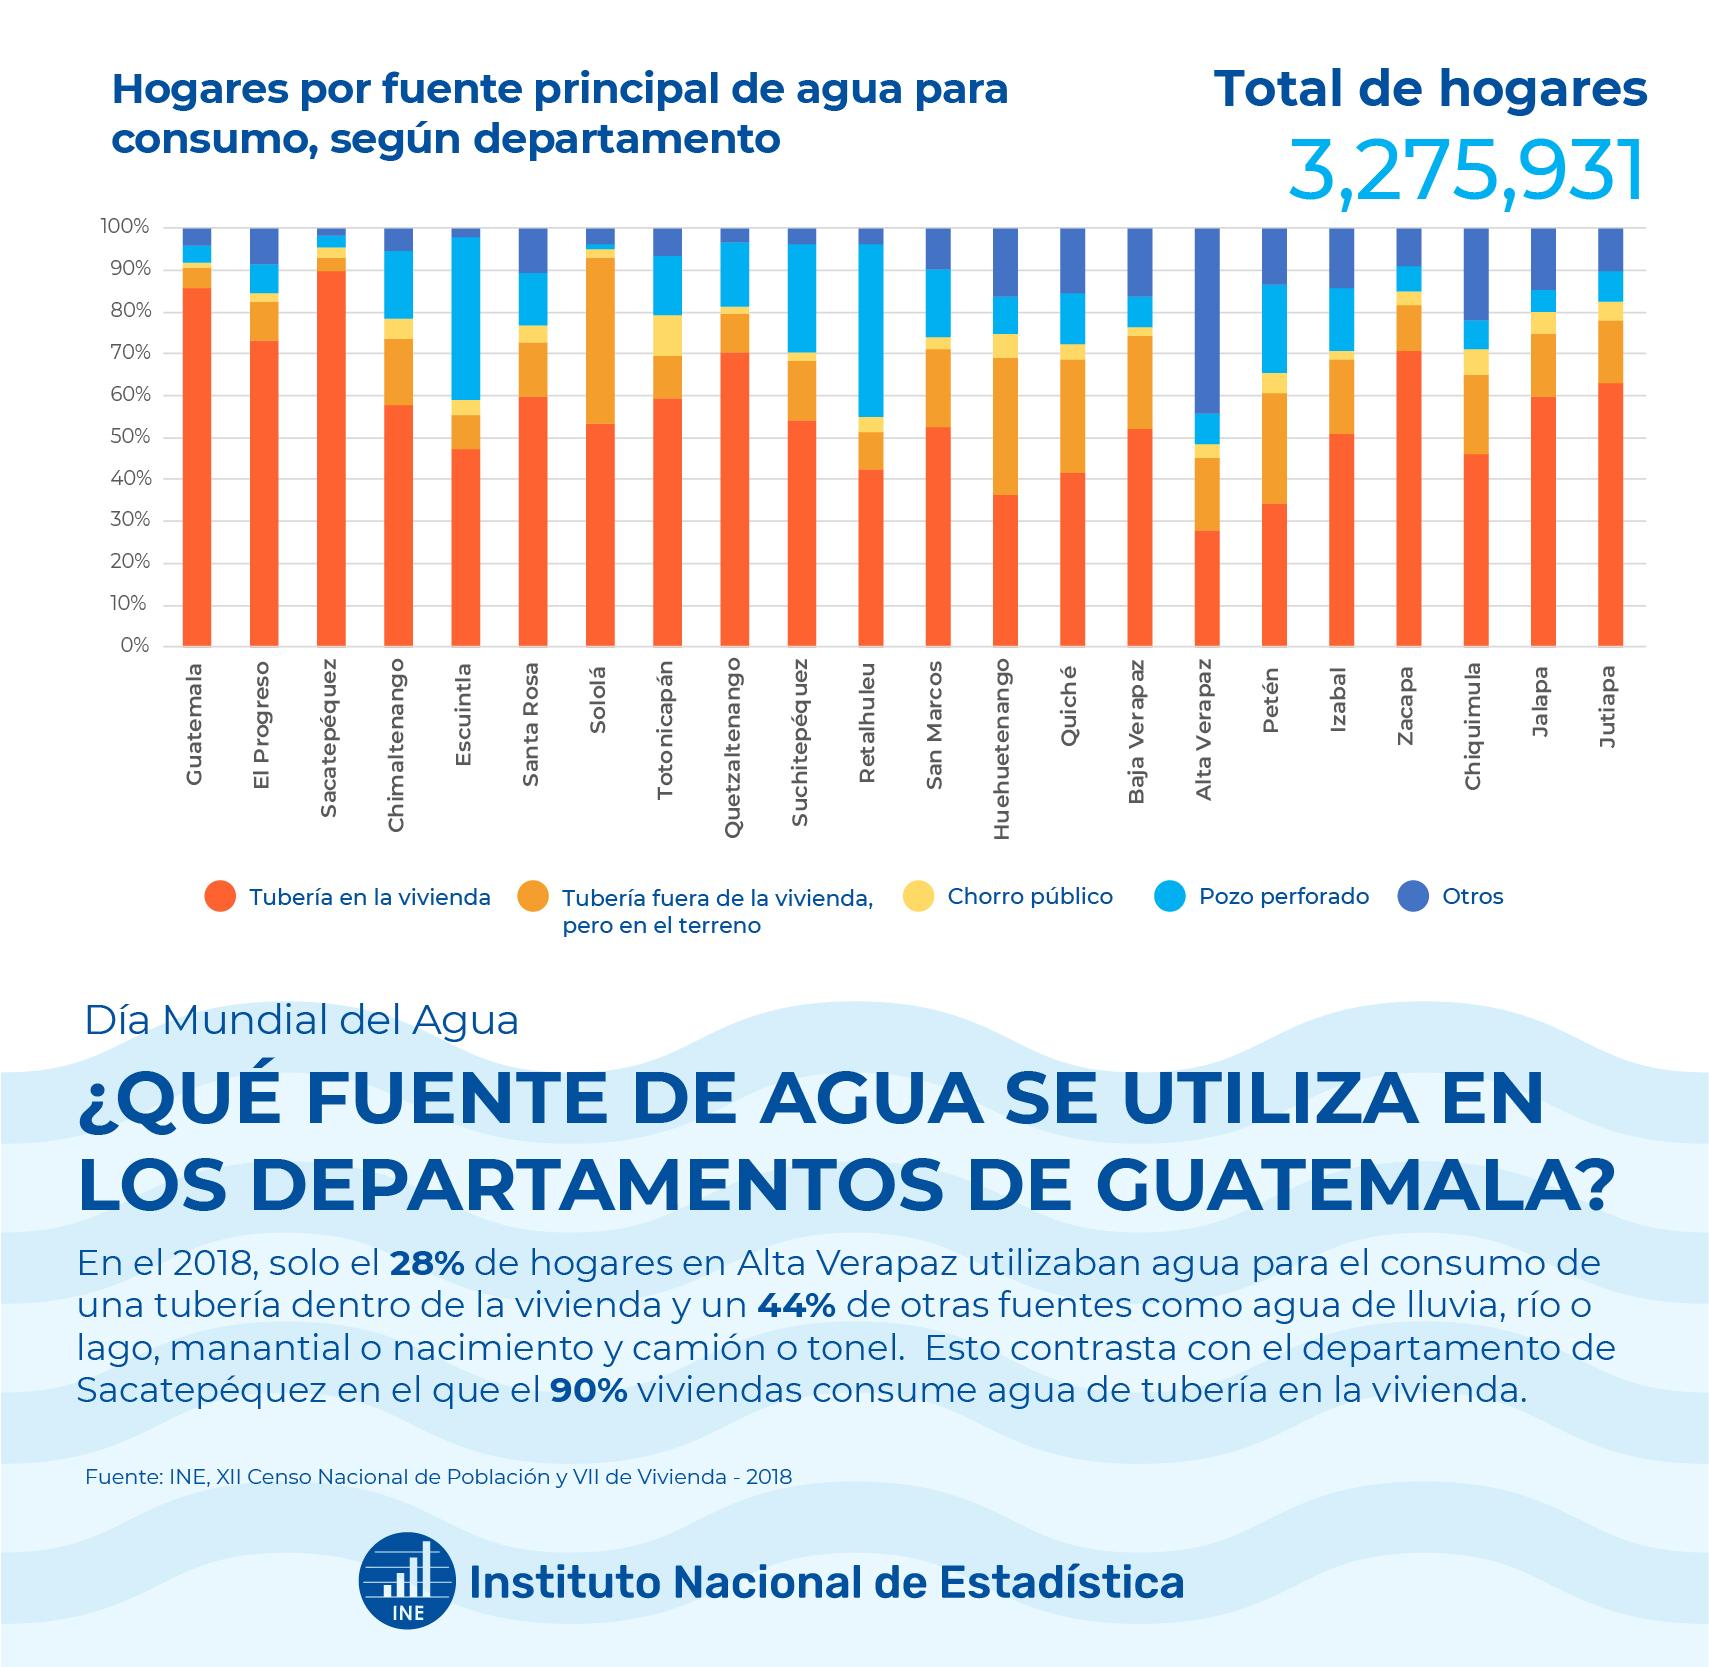 Fuente de agua utilizada en los departamentos de Guatemala